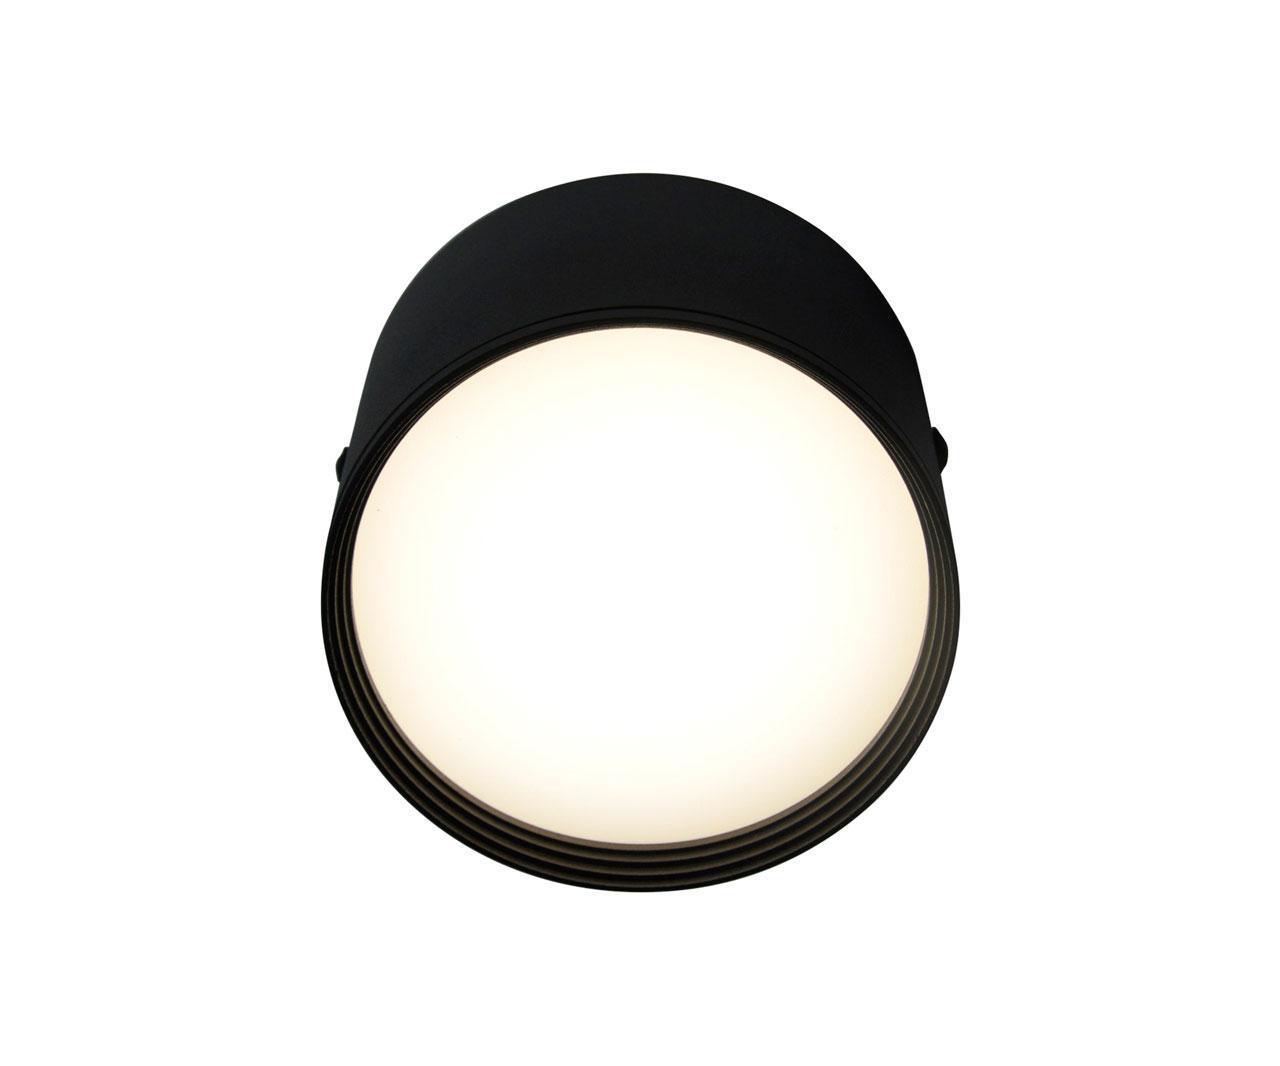 цена на Потолочный светодиодный светильник Kink Light Медина 05410,19